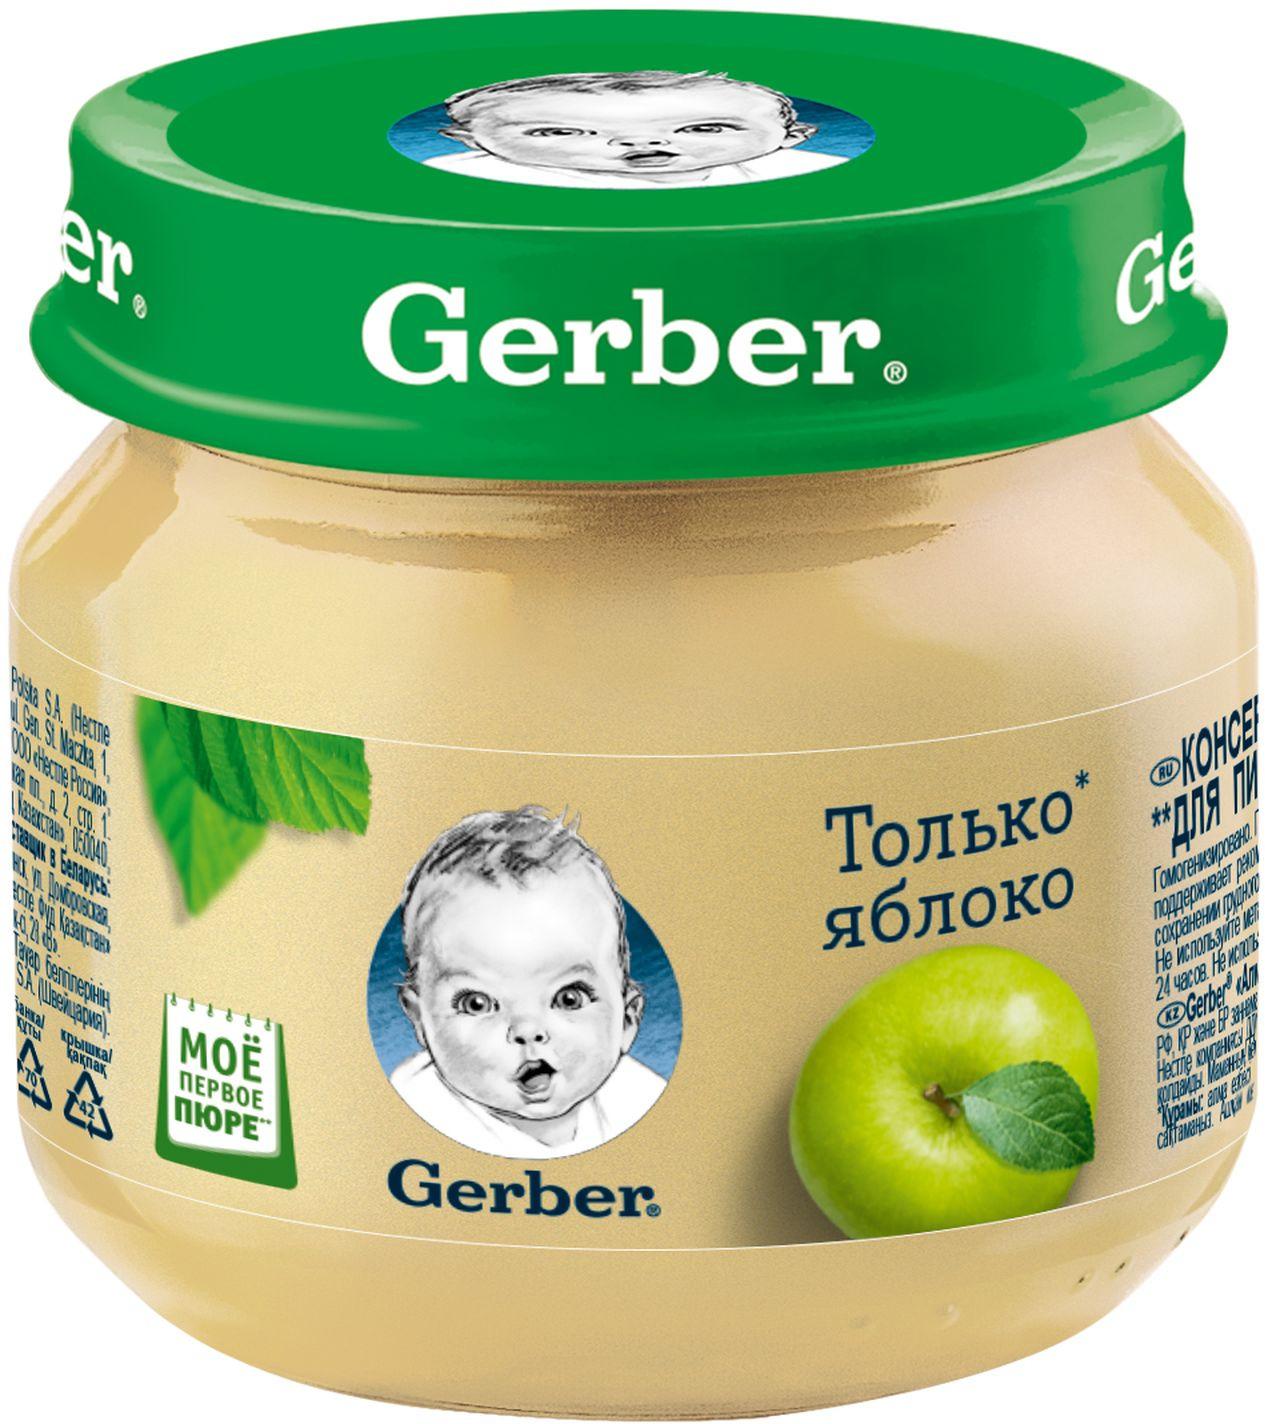 Gerber пюре яблоко, 80 г цены